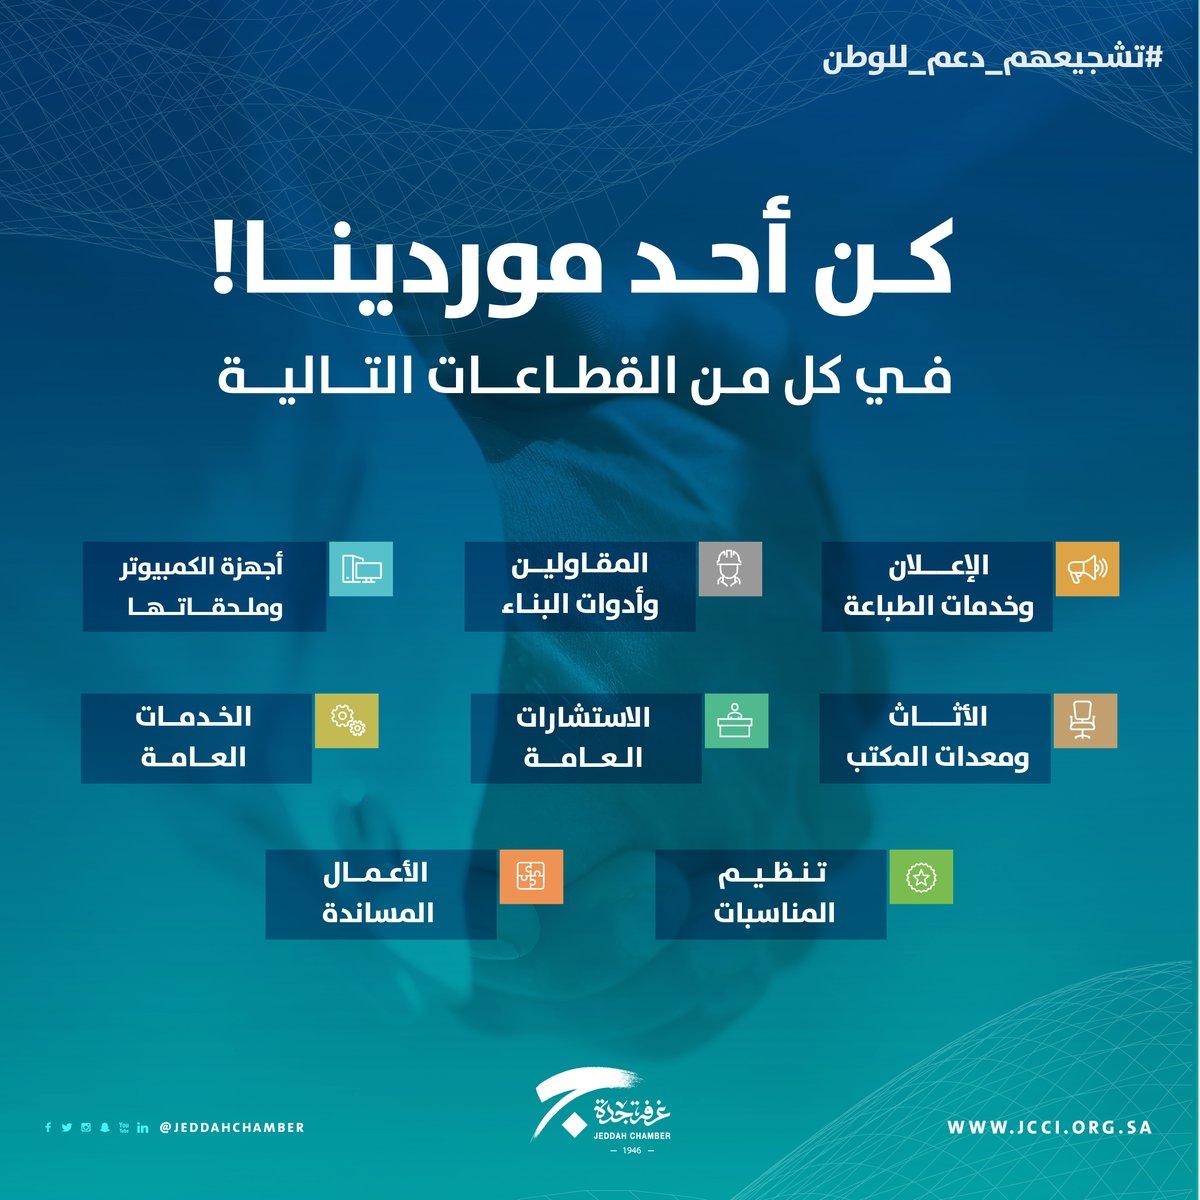 غـ ـرفـ ـة جـ ـد ة Jeddahchamber Twitter